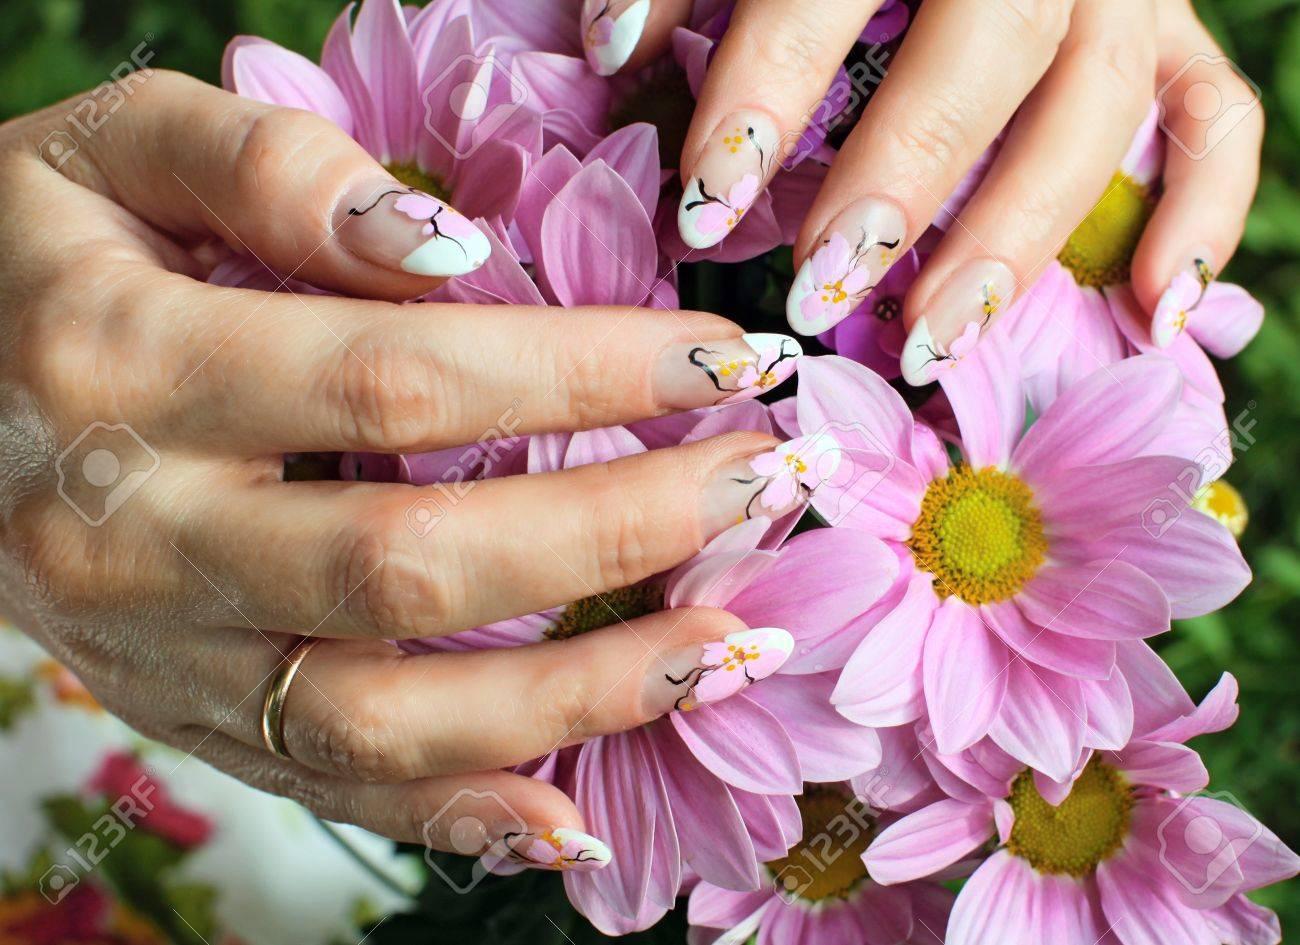 Diseno De Unas Hermosas Manos De Mujer Con Flores De Crisantemos